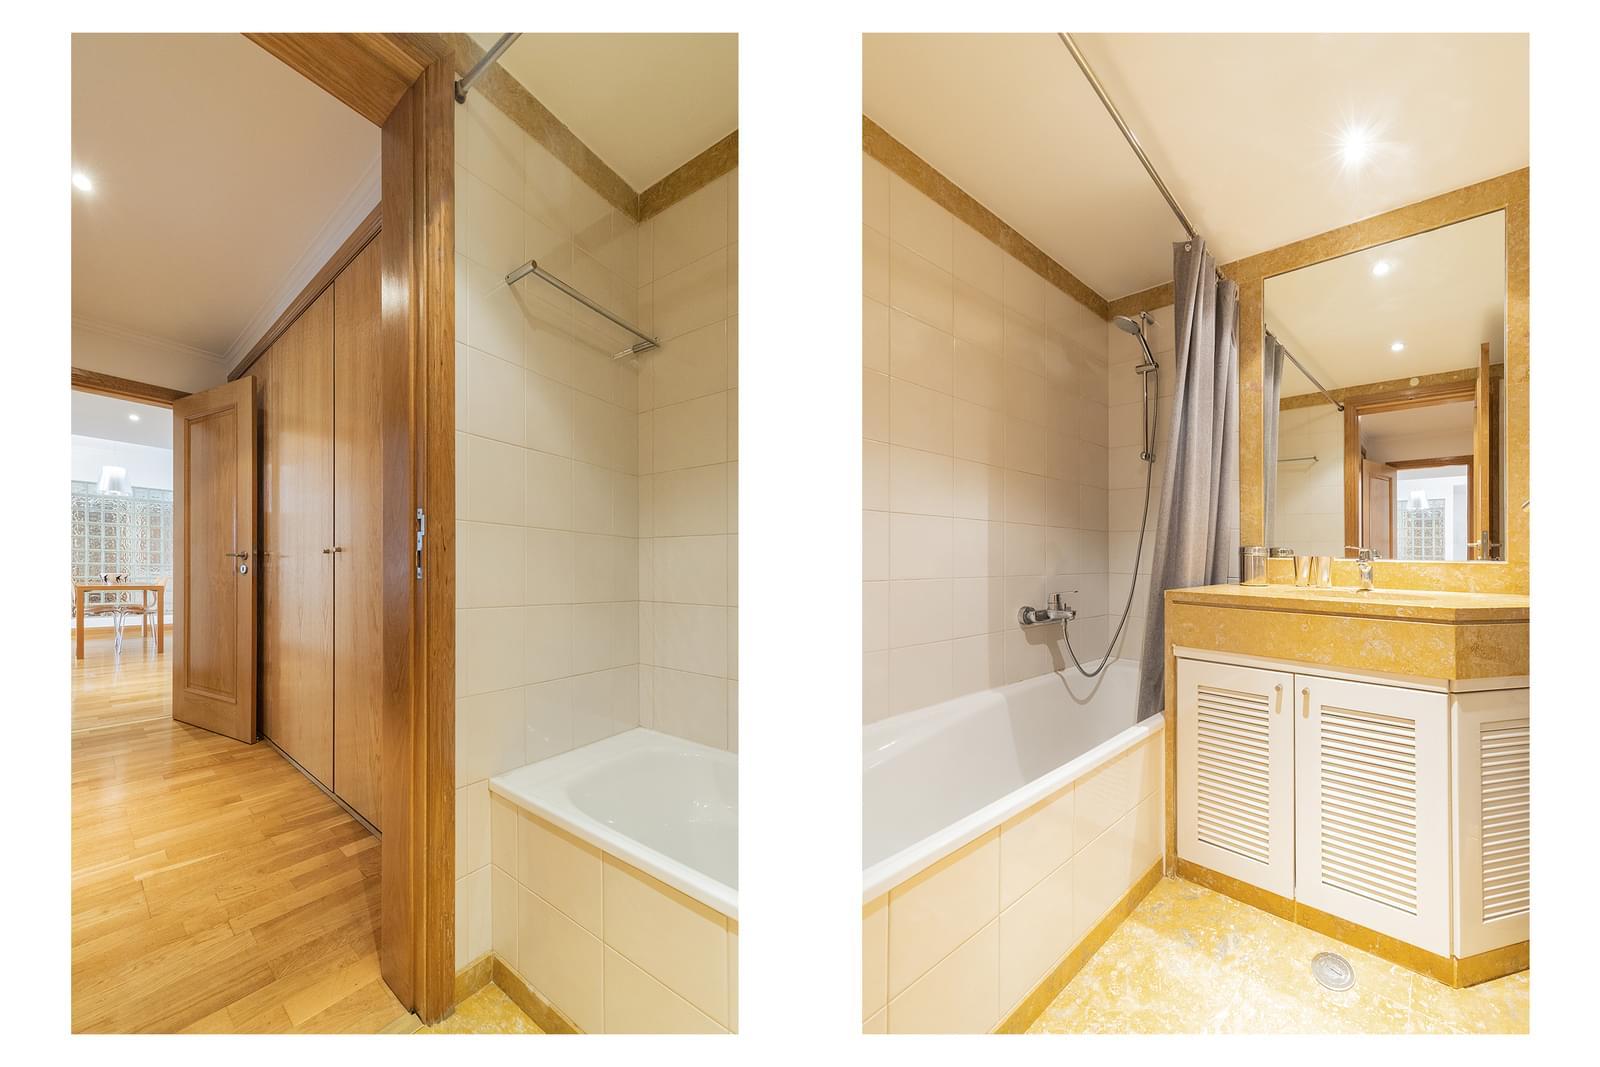 pf18967-apartamento-t2-lisboa-bad79ec3-5d21-487a-973e-c63d547238e6